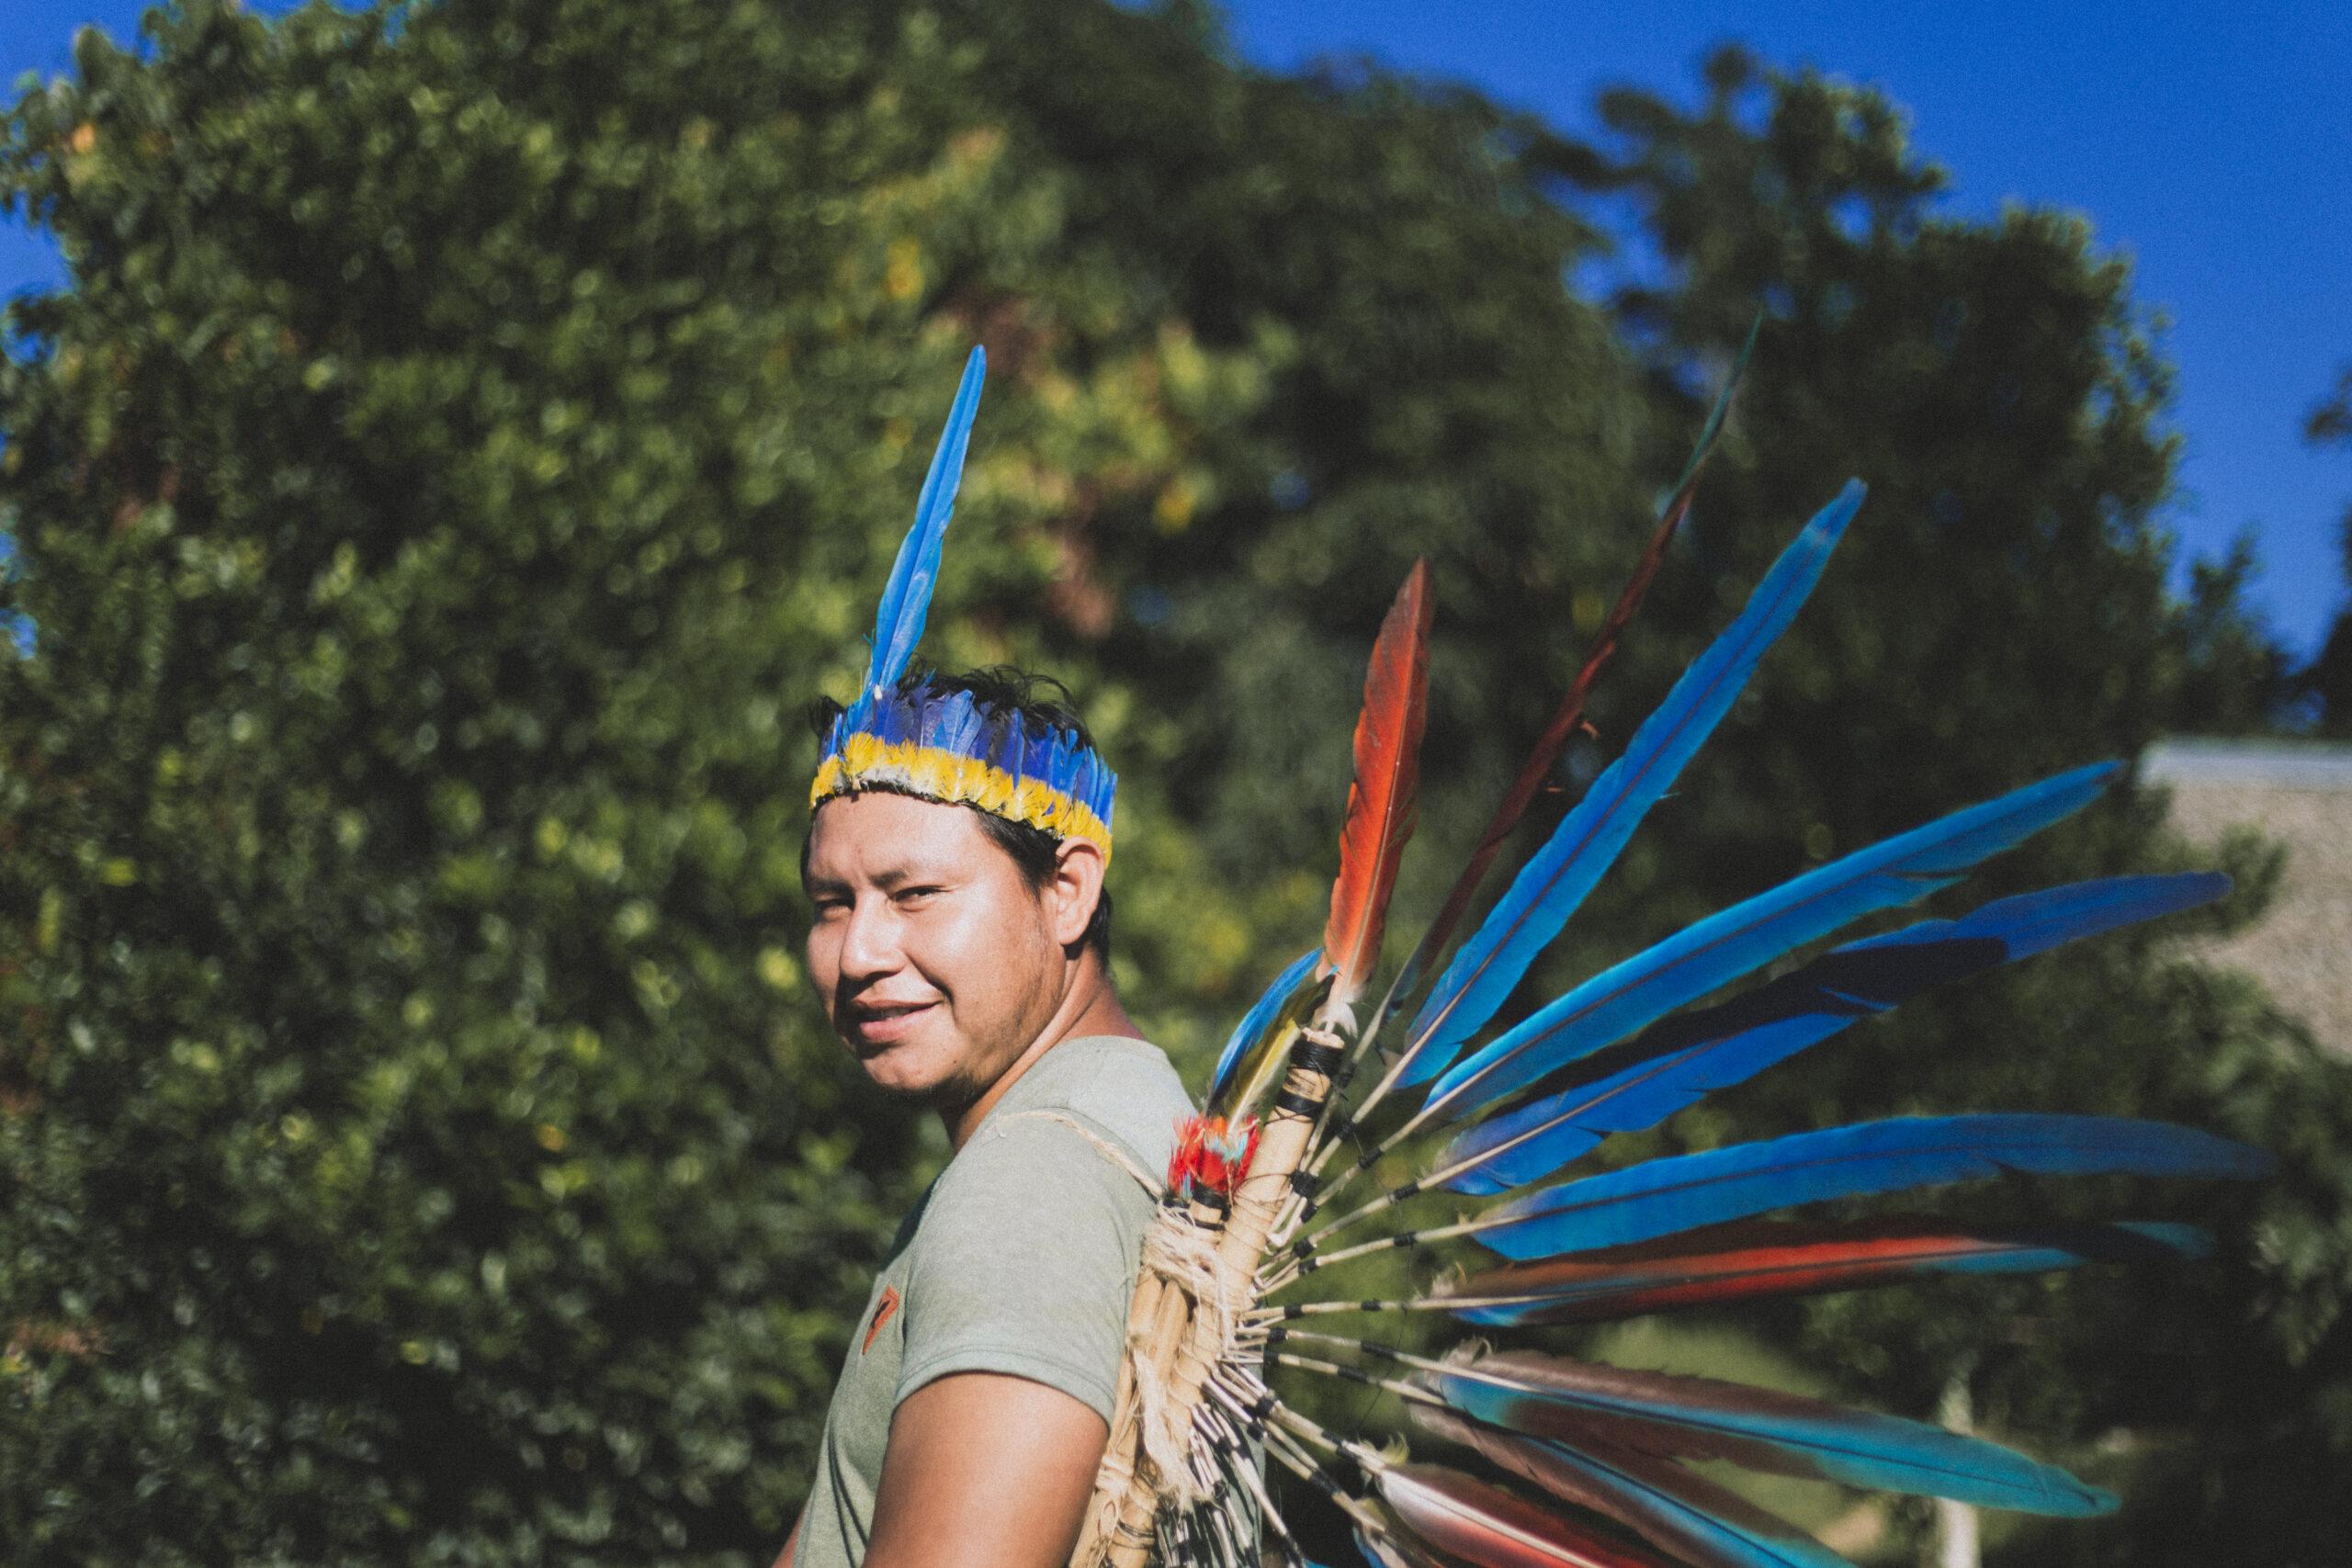 Amarakaeri: conservación con participación efectiva de pueblos indígenas